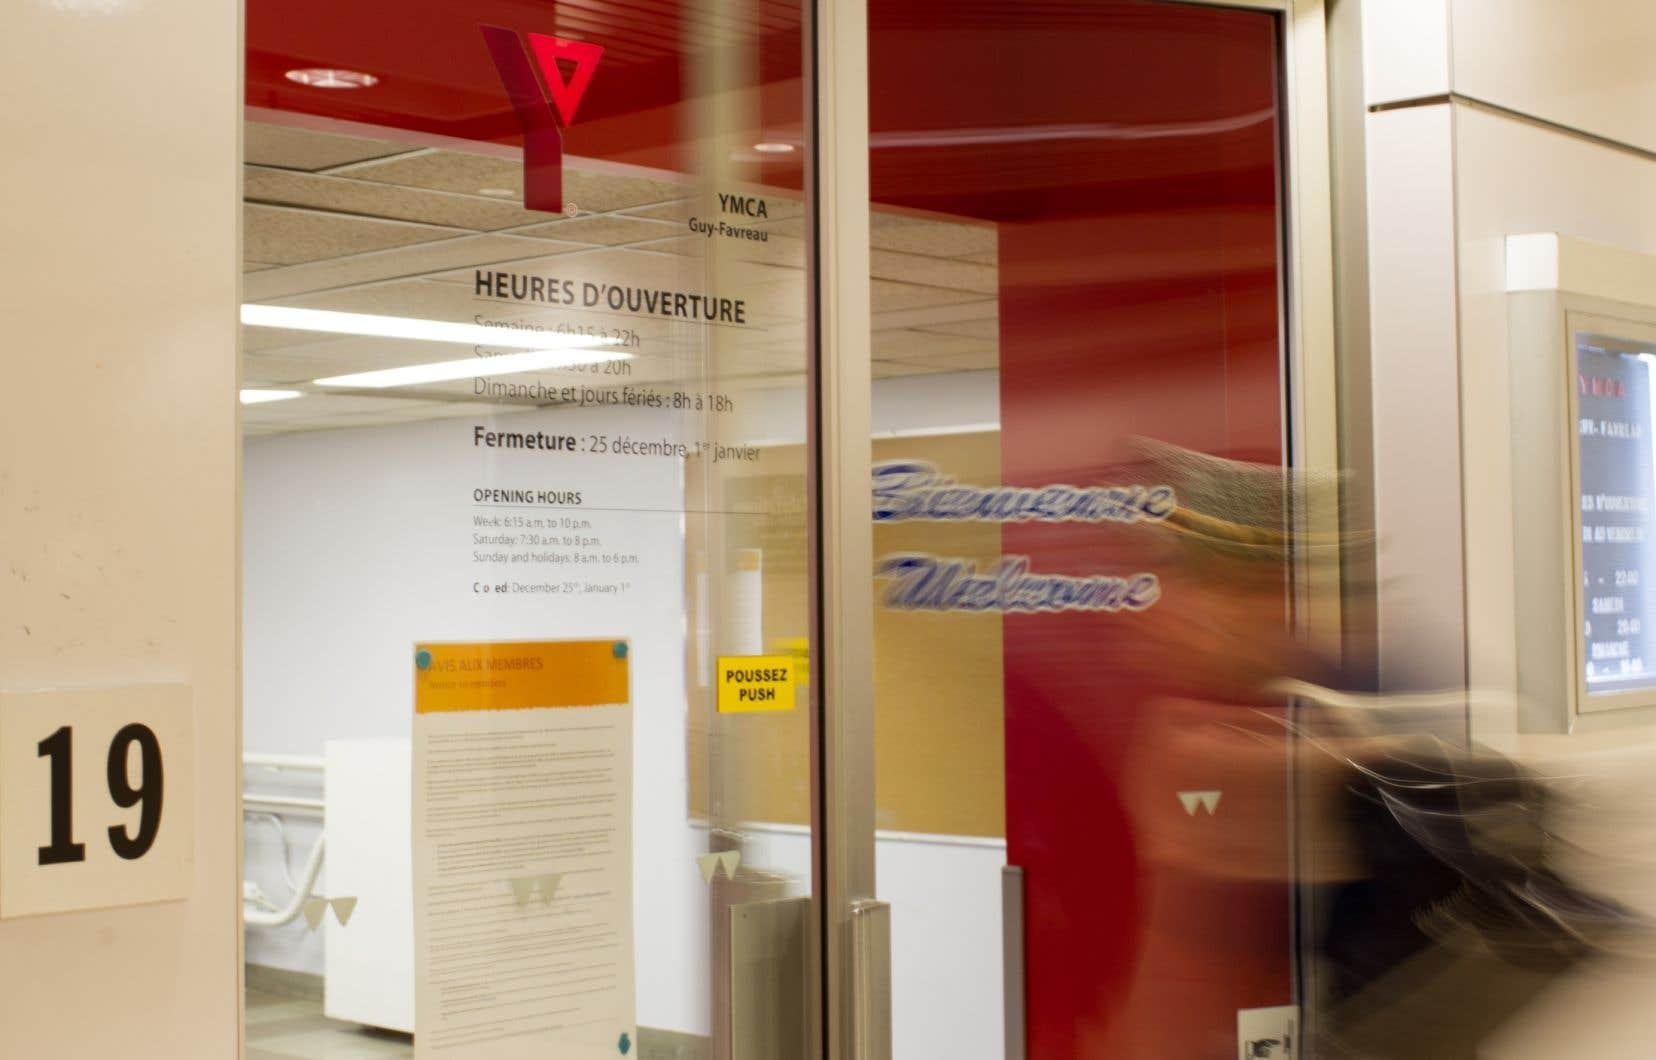 Les YMCA du Québec ont évoqué des coûts de rénovation trop élevés pour justifier la fermeture du YMCA Guy-Favreau.